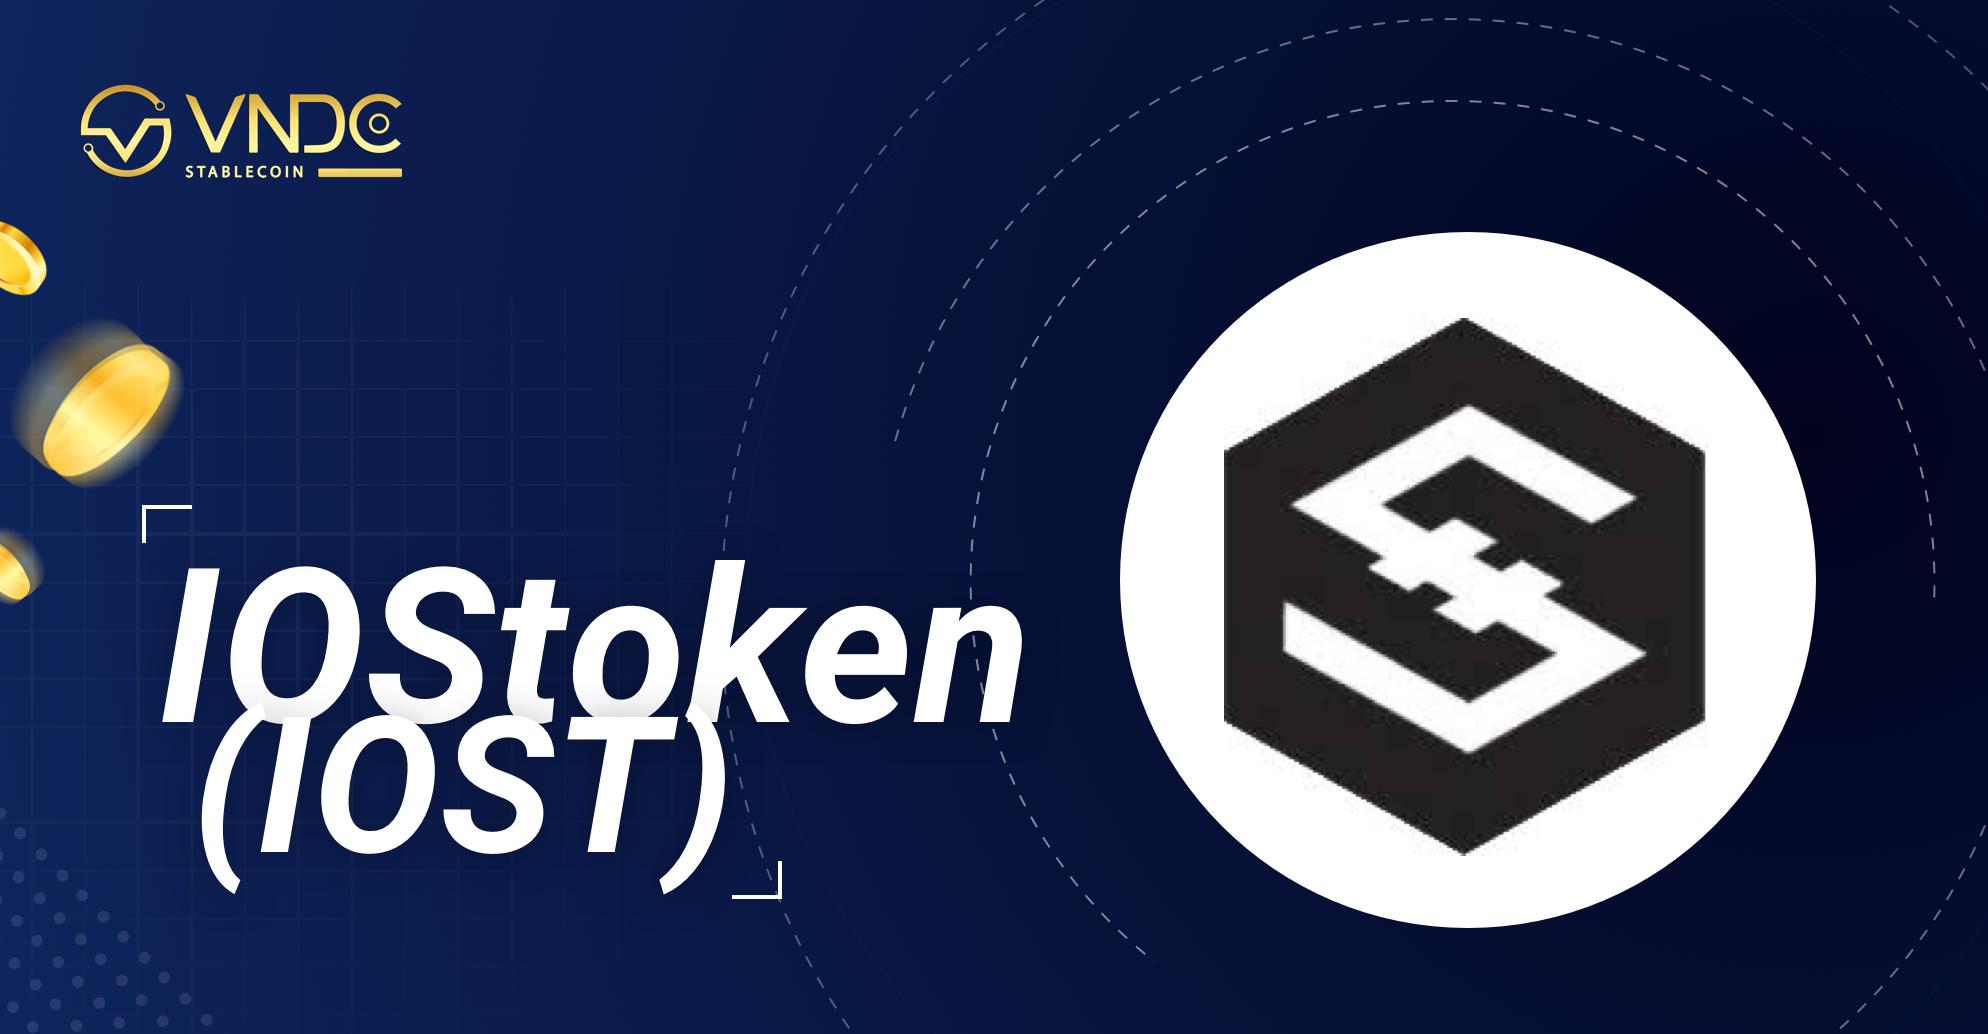 IOST là gì? Những thông tin cần biết về đồng tiền điện tử IOStoken (IOST)